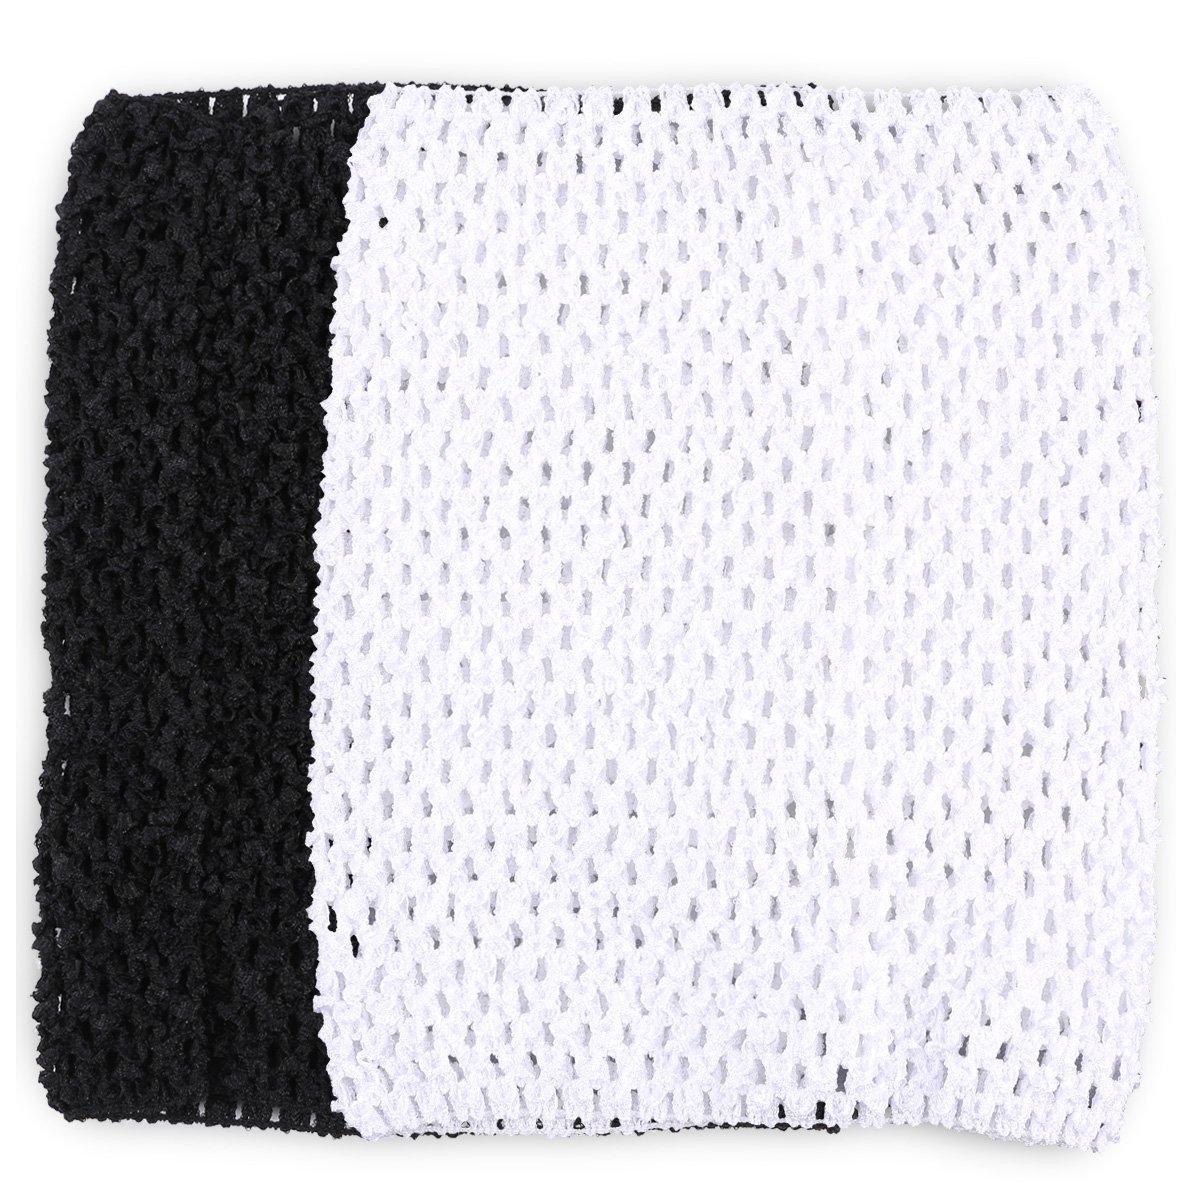 Tube top - SODIAL(R)Tube top for girl child tutu dress hook material 9 black white SODIAL (R) 038868